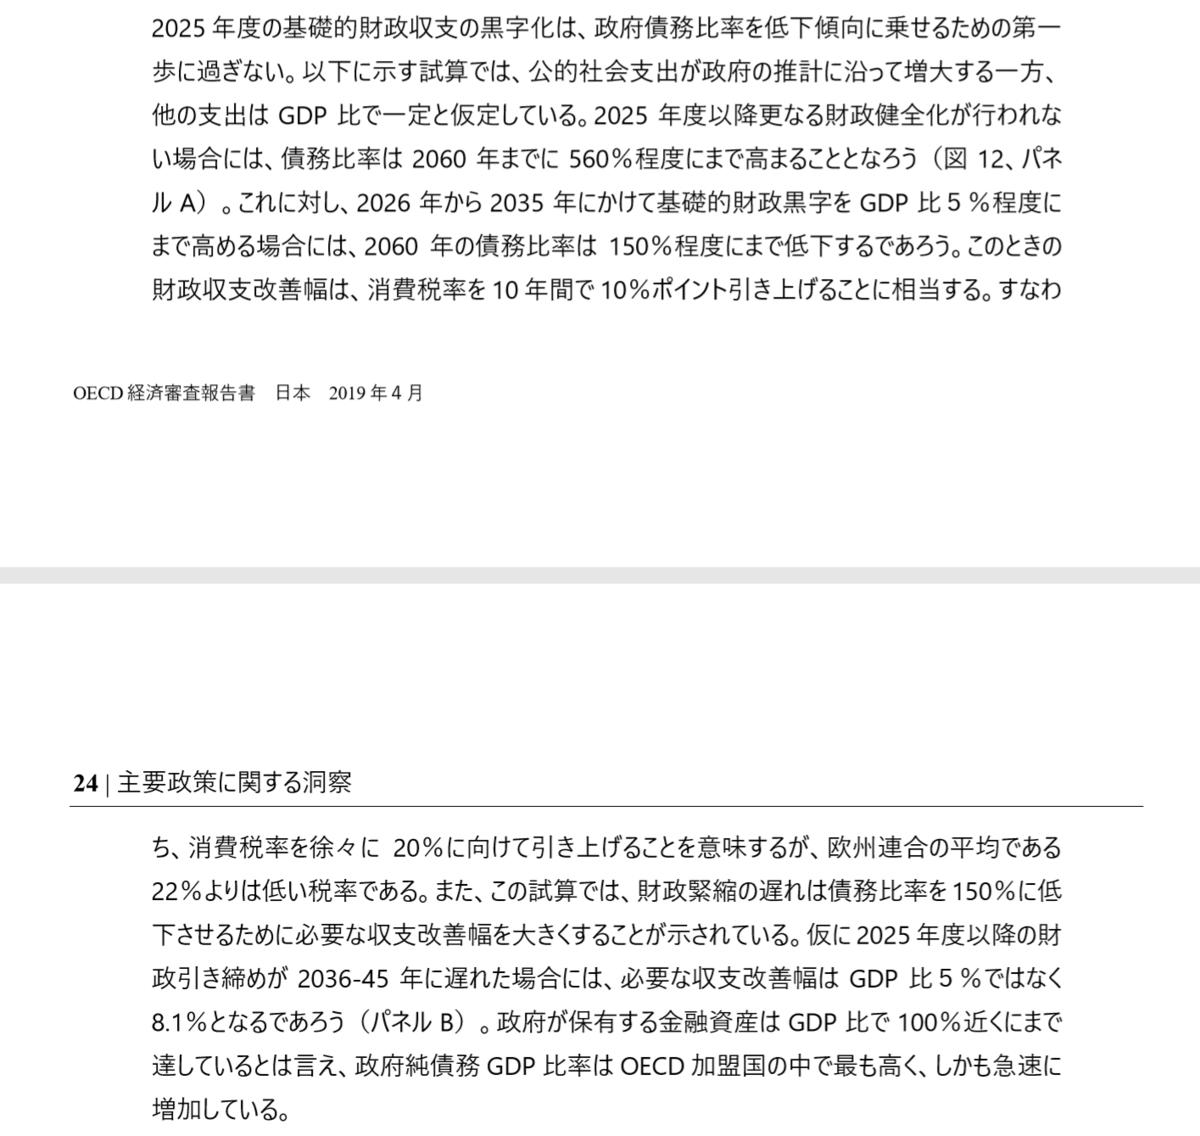 f:id:kaikakujapan:20190415234440p:plain